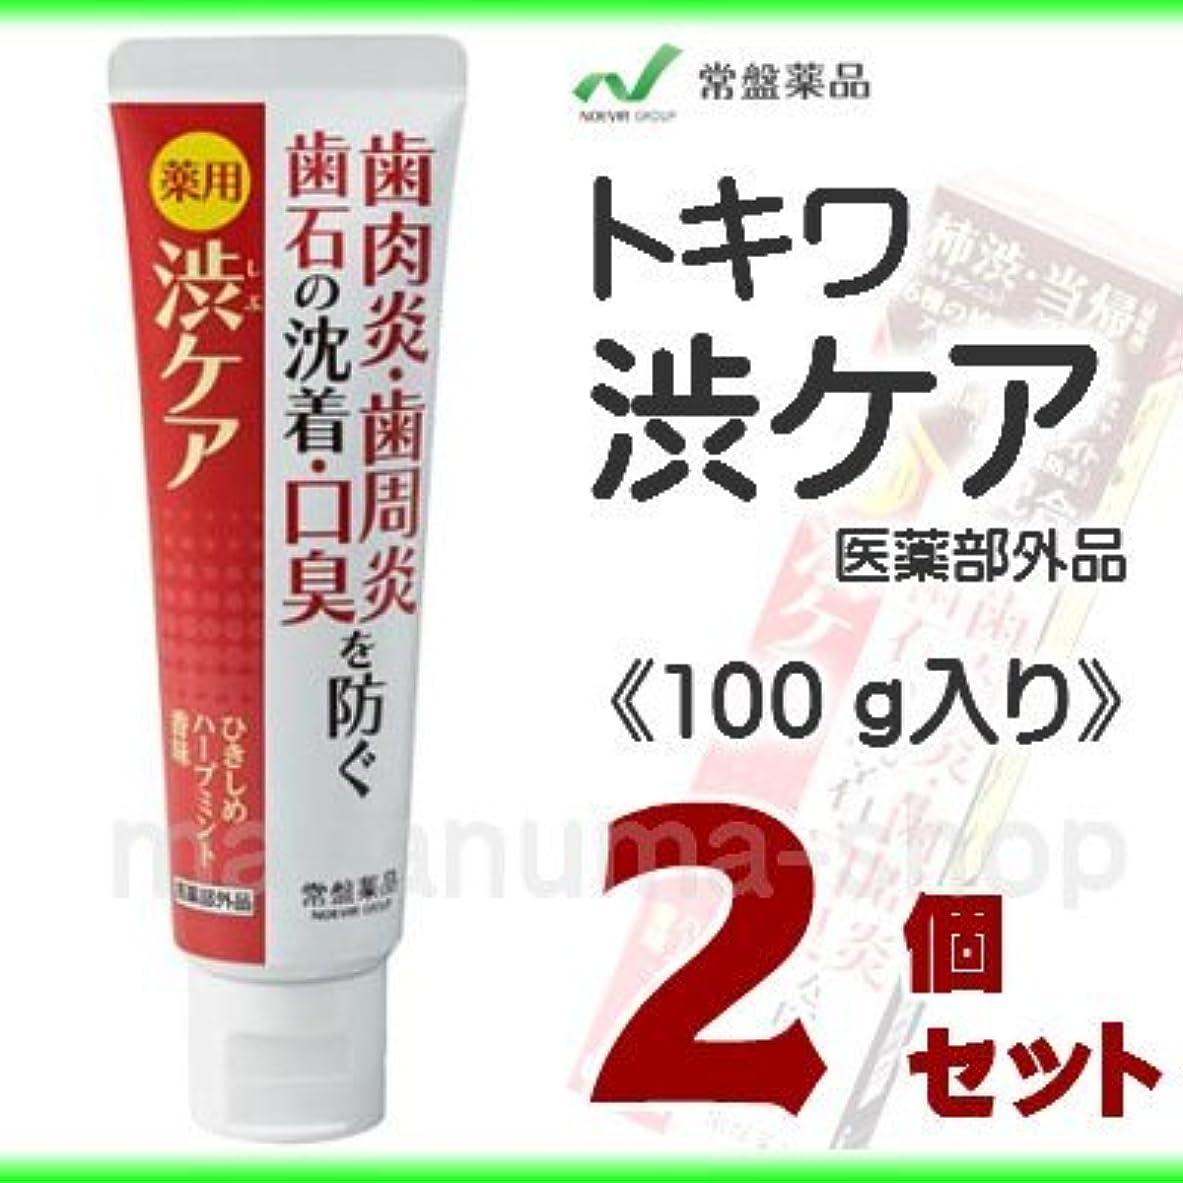 スチール改修する咲くトキワ 薬用渋ケア (100g) 2個セット